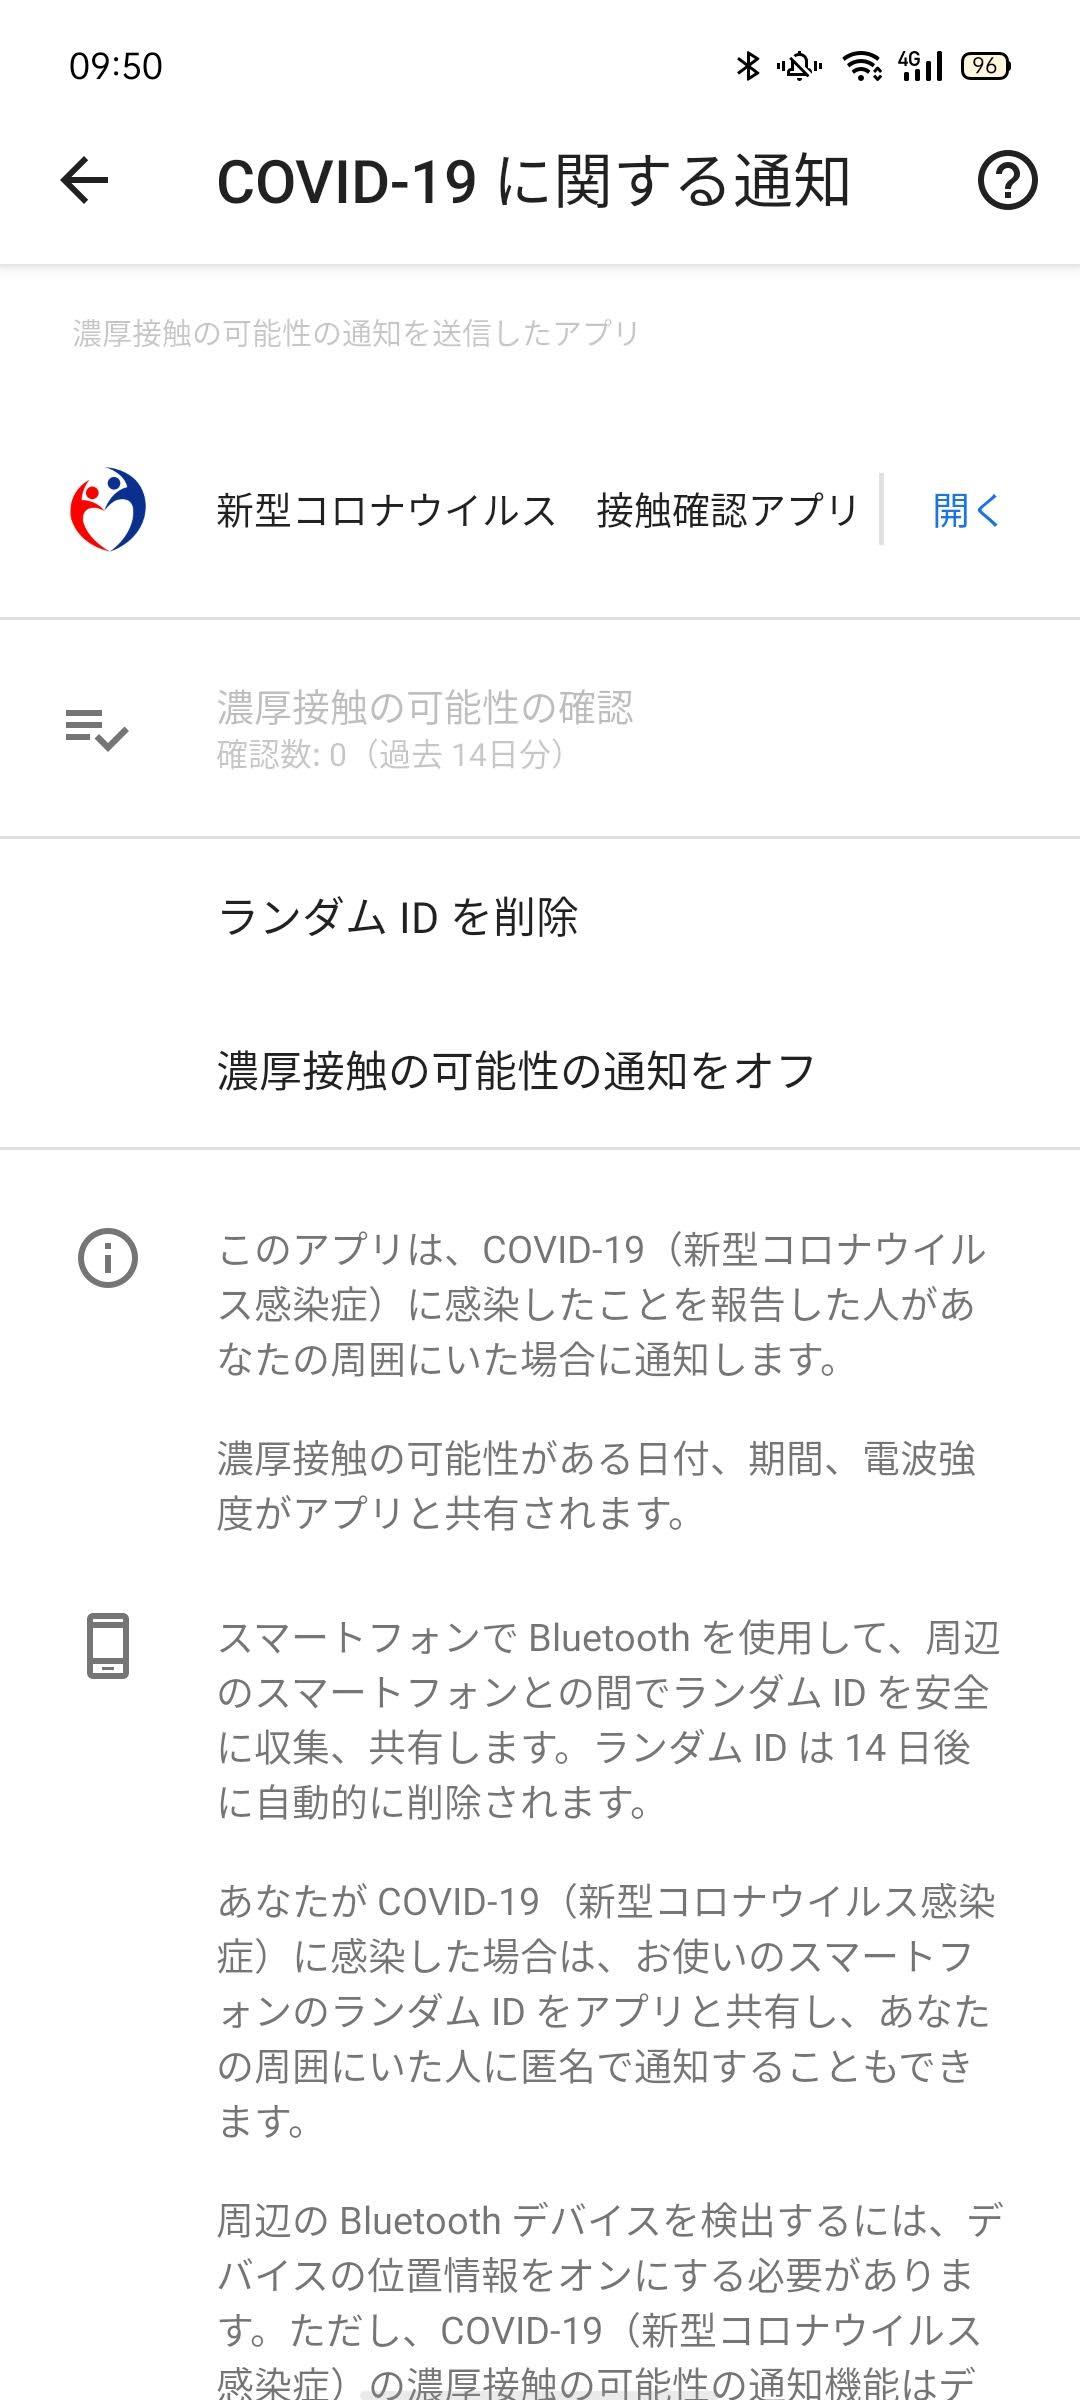 f:id:Azusa_Hirano:20200713095604j:plain